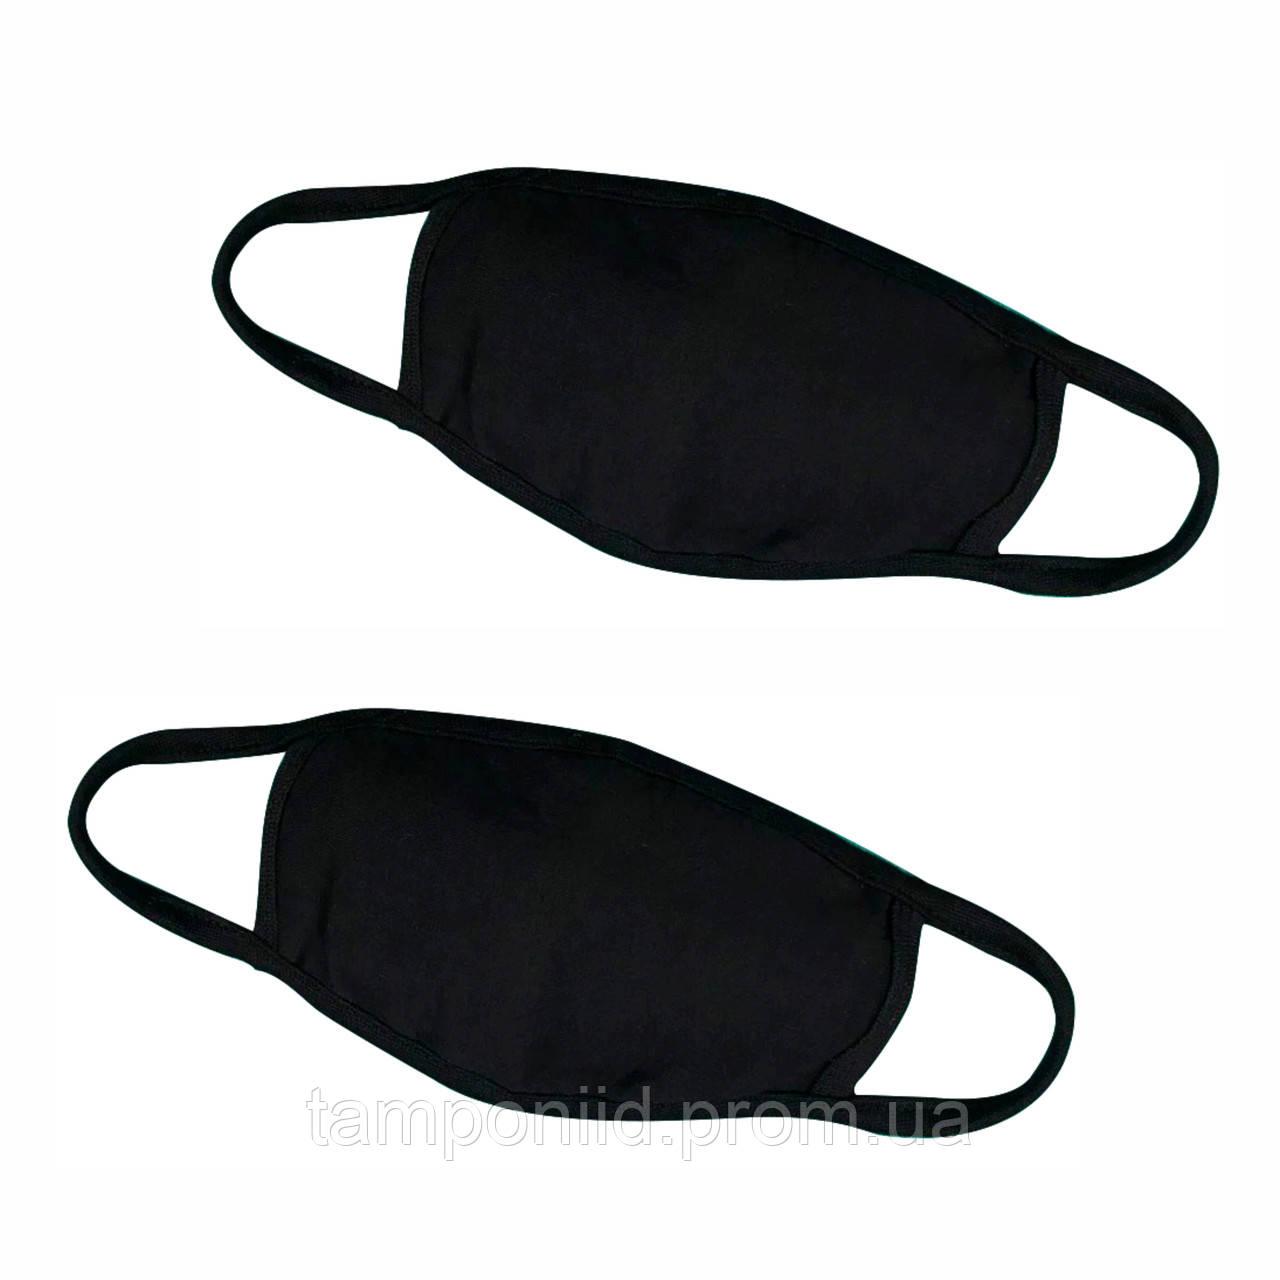 Мужская+Женская маска многоразовая из хлопка + съемный фильтр. В комплекте два запасных.